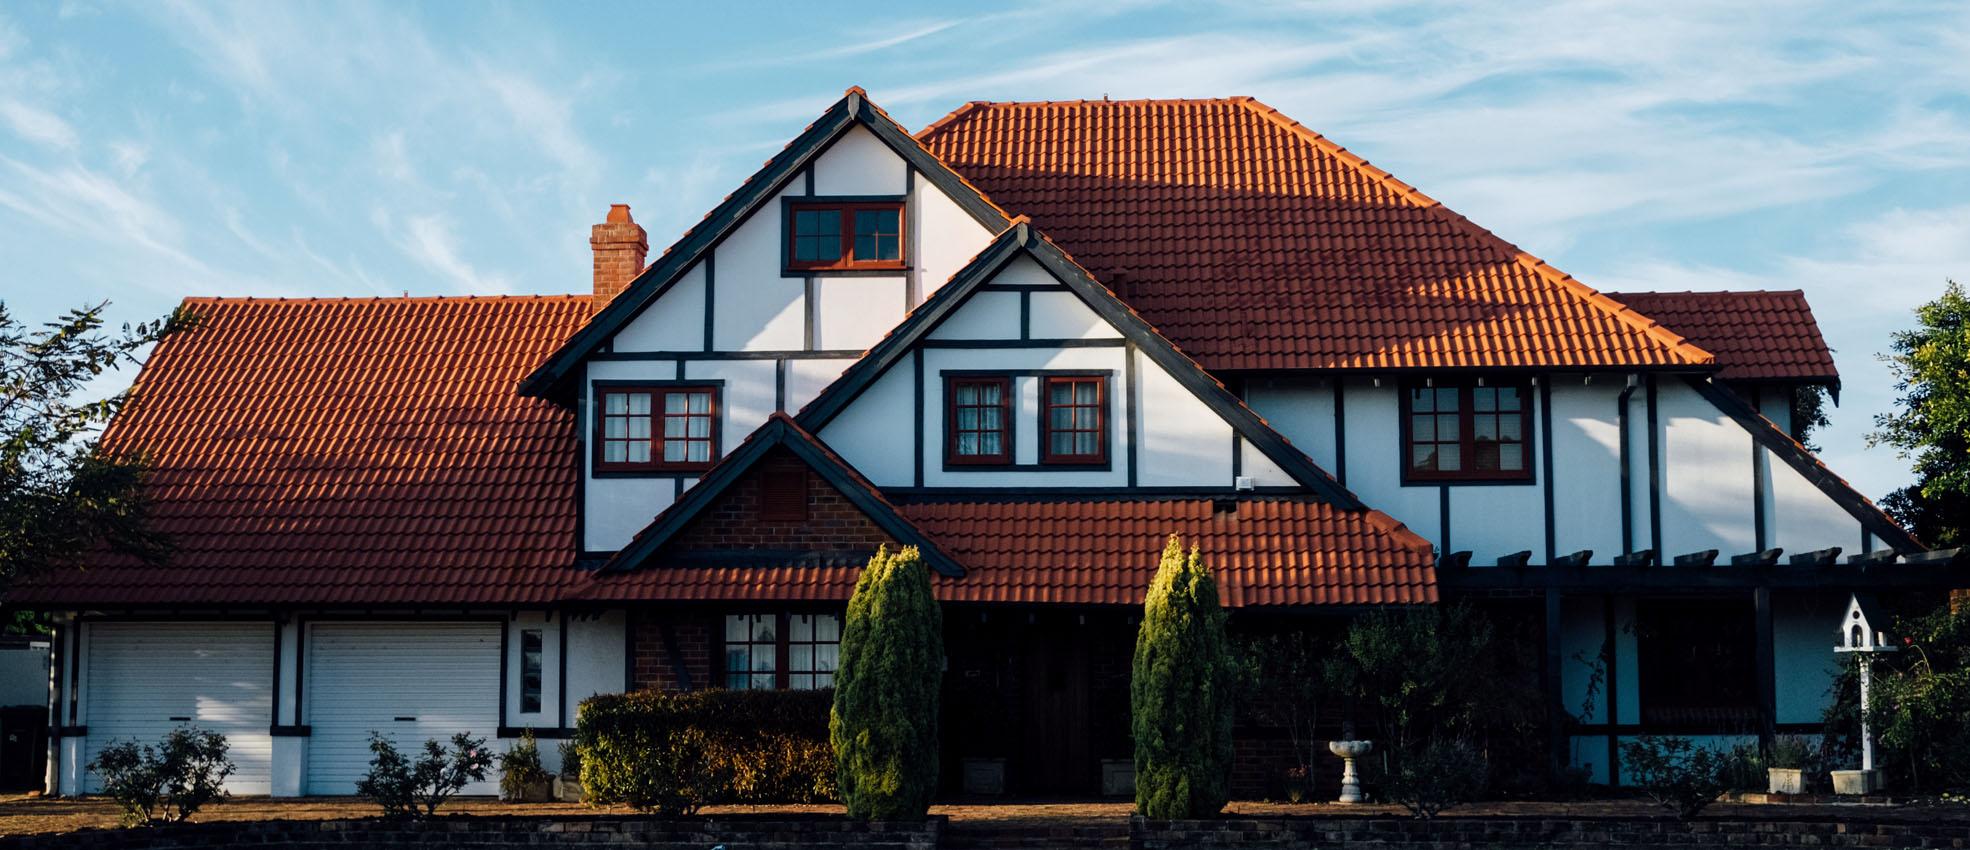 Home in Merrick Way